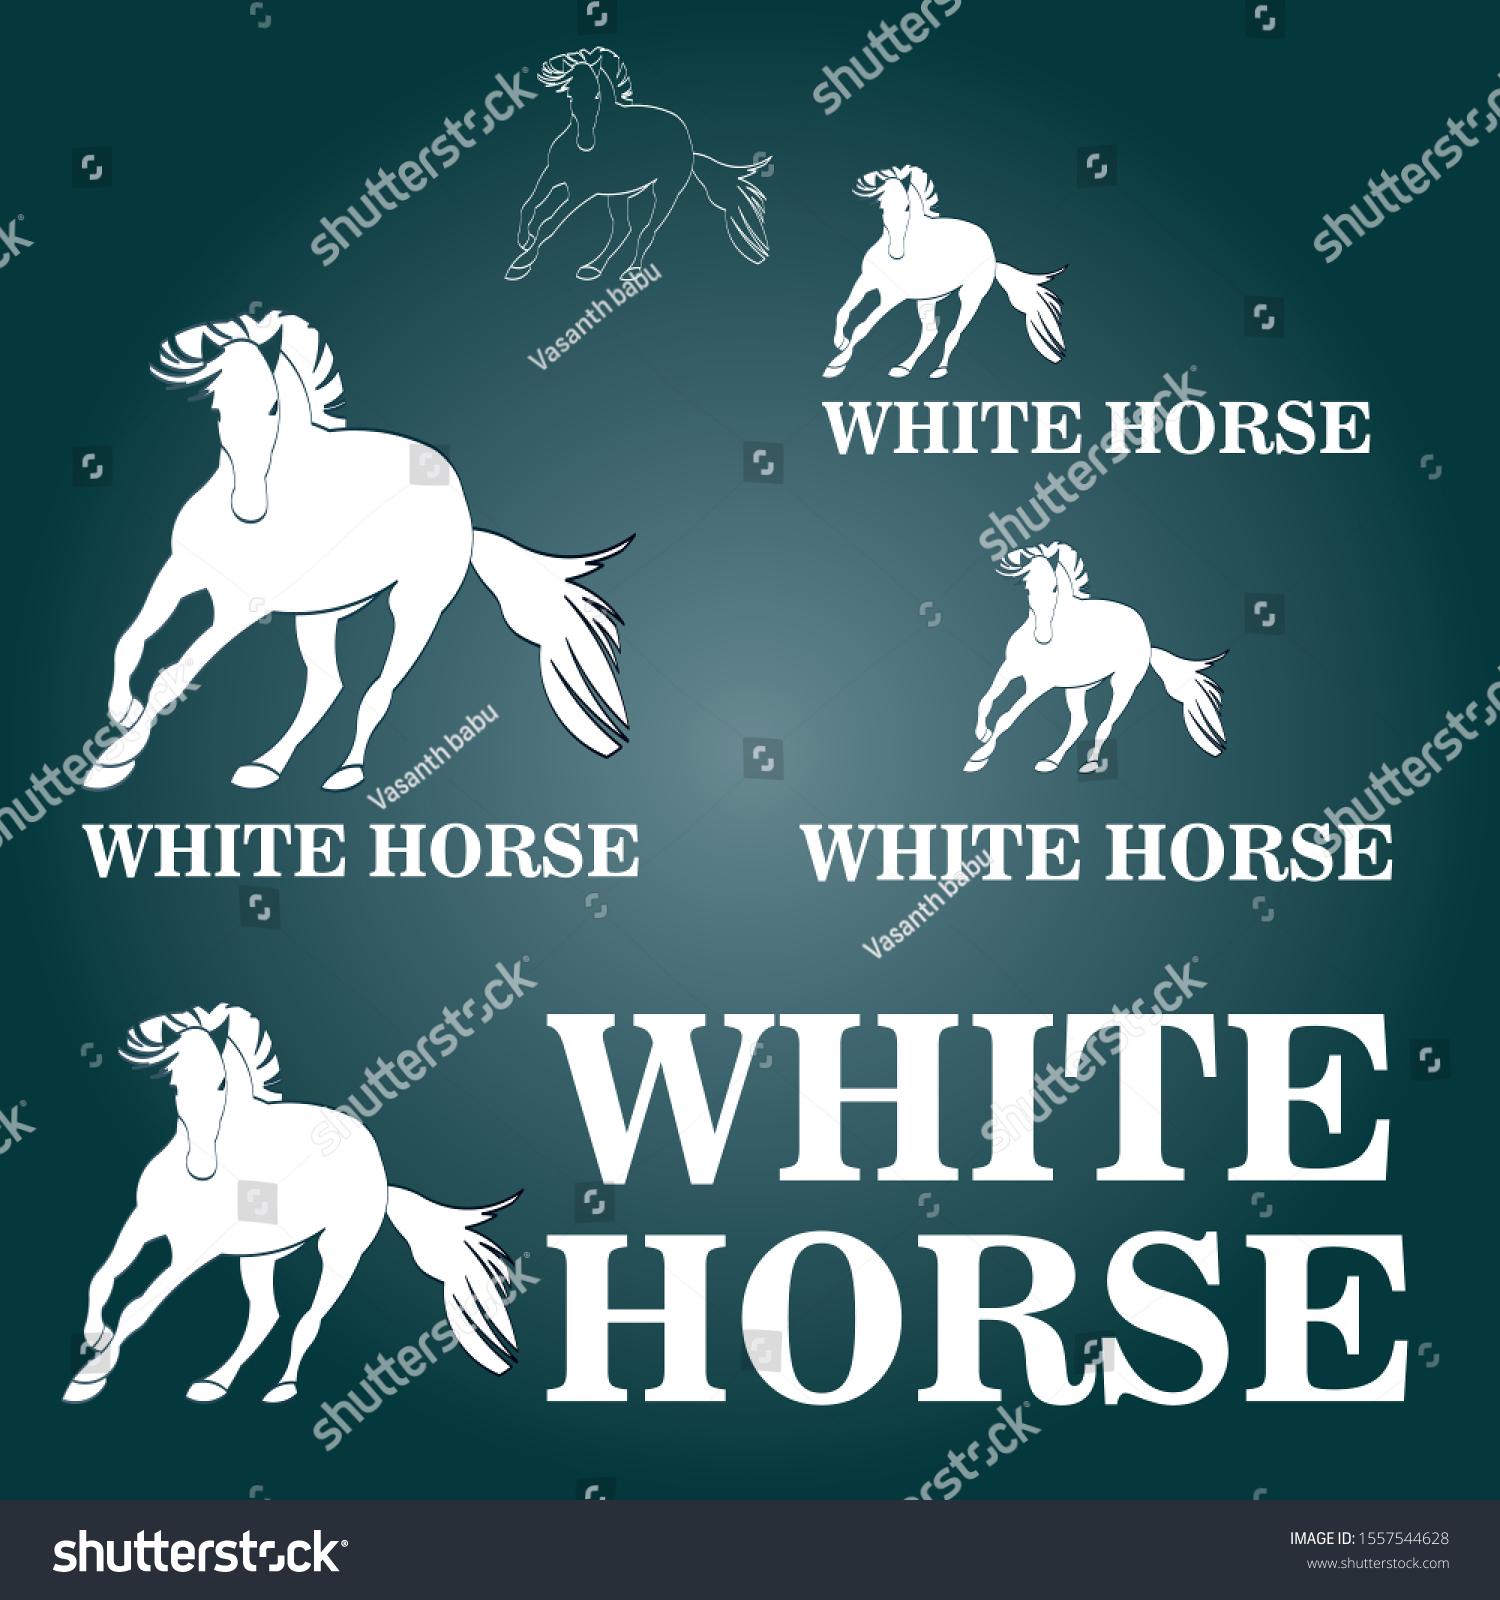 White Horse Logo Design Branding Business Stock Vector Royalty Free 1557544628